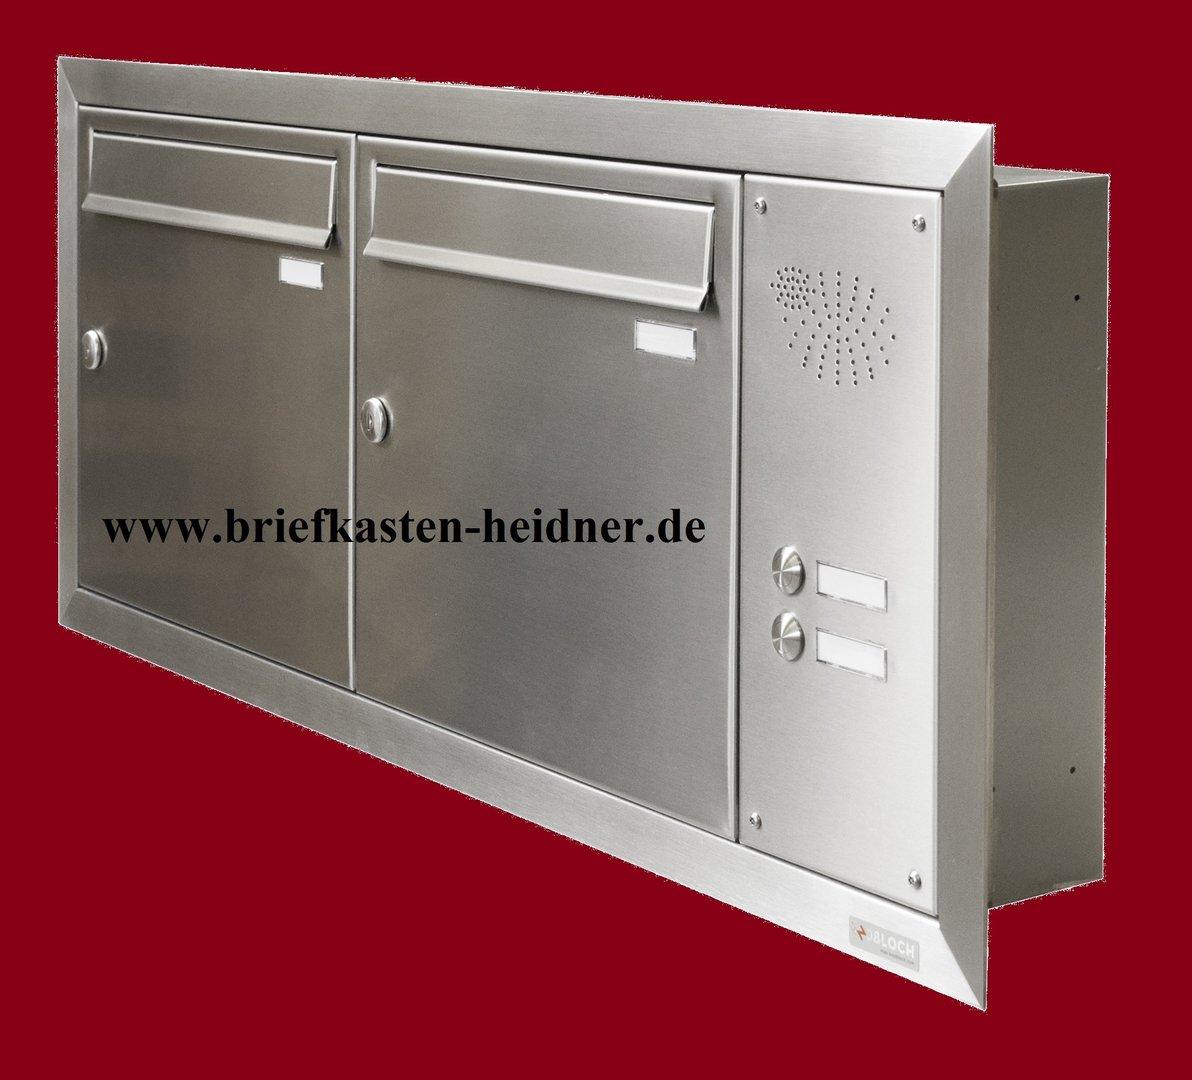 uph116 knobloch unterputz briefkastenanlage 2 tlg tiefe 100 nebeneinander 2 klingeln. Black Bedroom Furniture Sets. Home Design Ideas